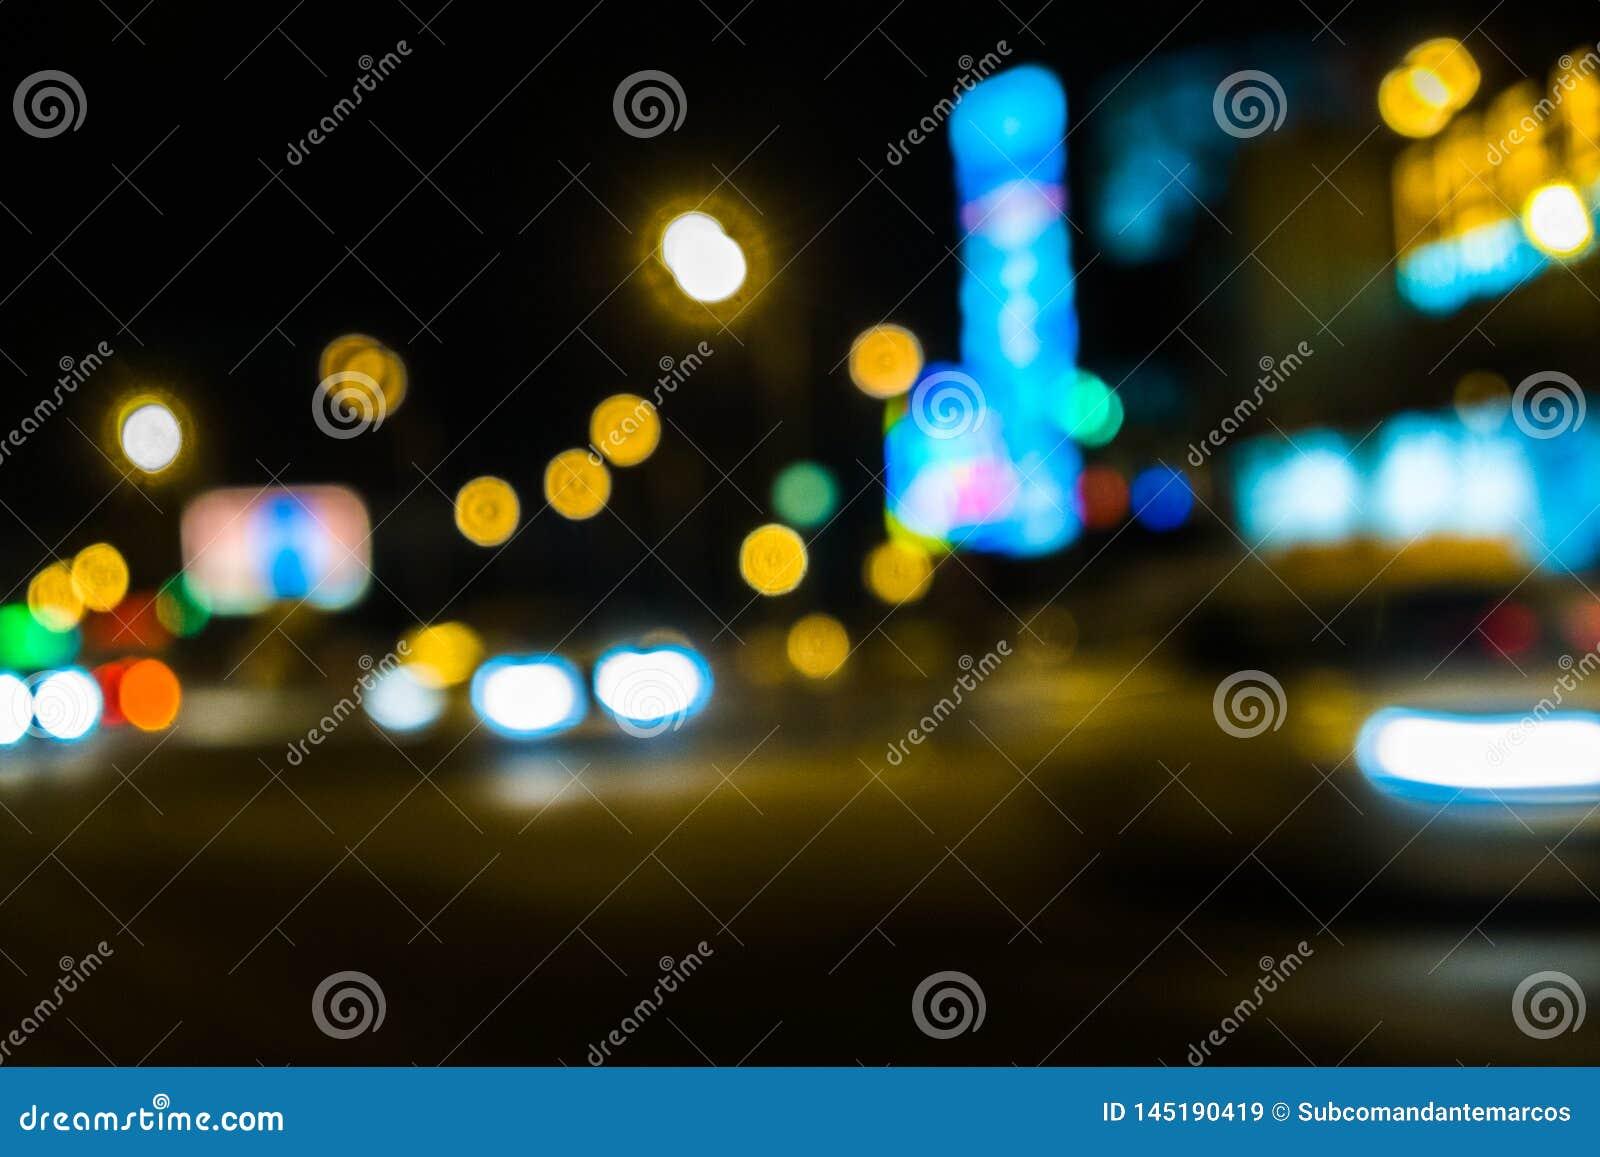 Κυκλοφορία πόλεων νύχτας σε μια γιγαντιαία μητρόπολη Ελαφρύ υπόβαθρο bokeh πόλεων Φωτεινοί σηματοδότες νύχτας Defocused